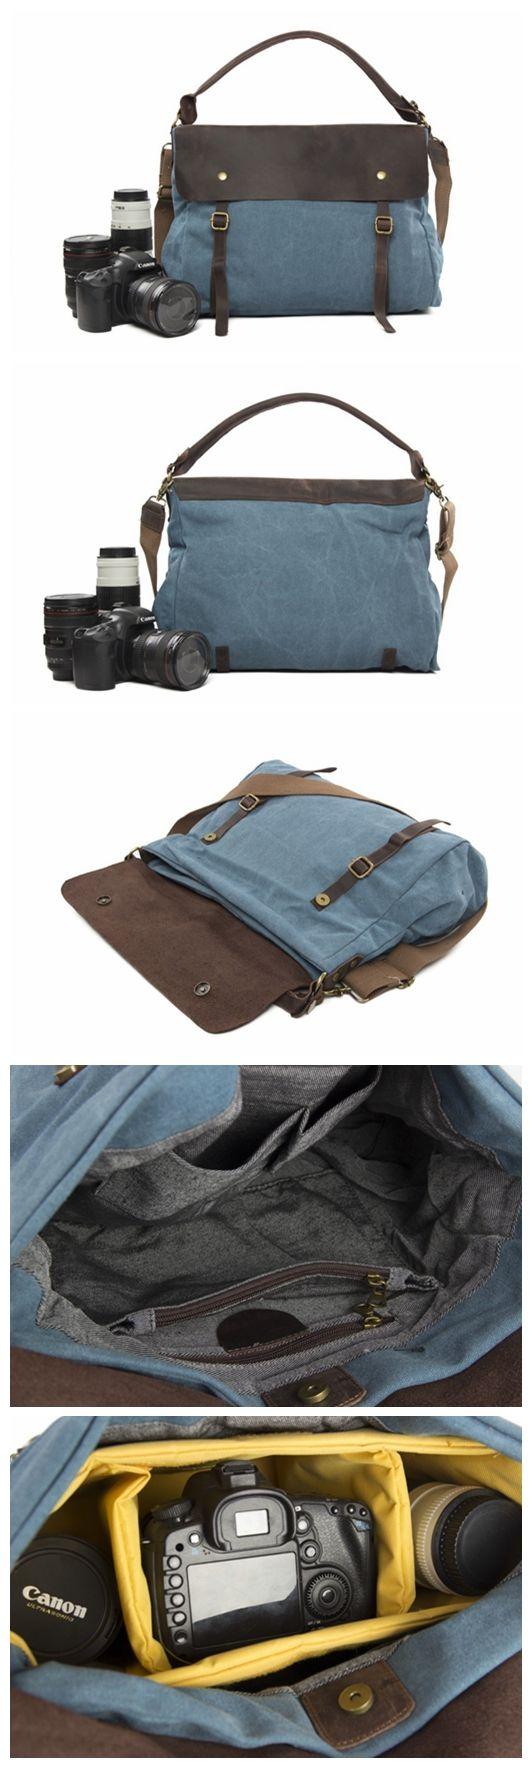 Canvas with Leather Large Volume DSLR Camera Bag Shoulder Bag Messenger Bag Tote Bag